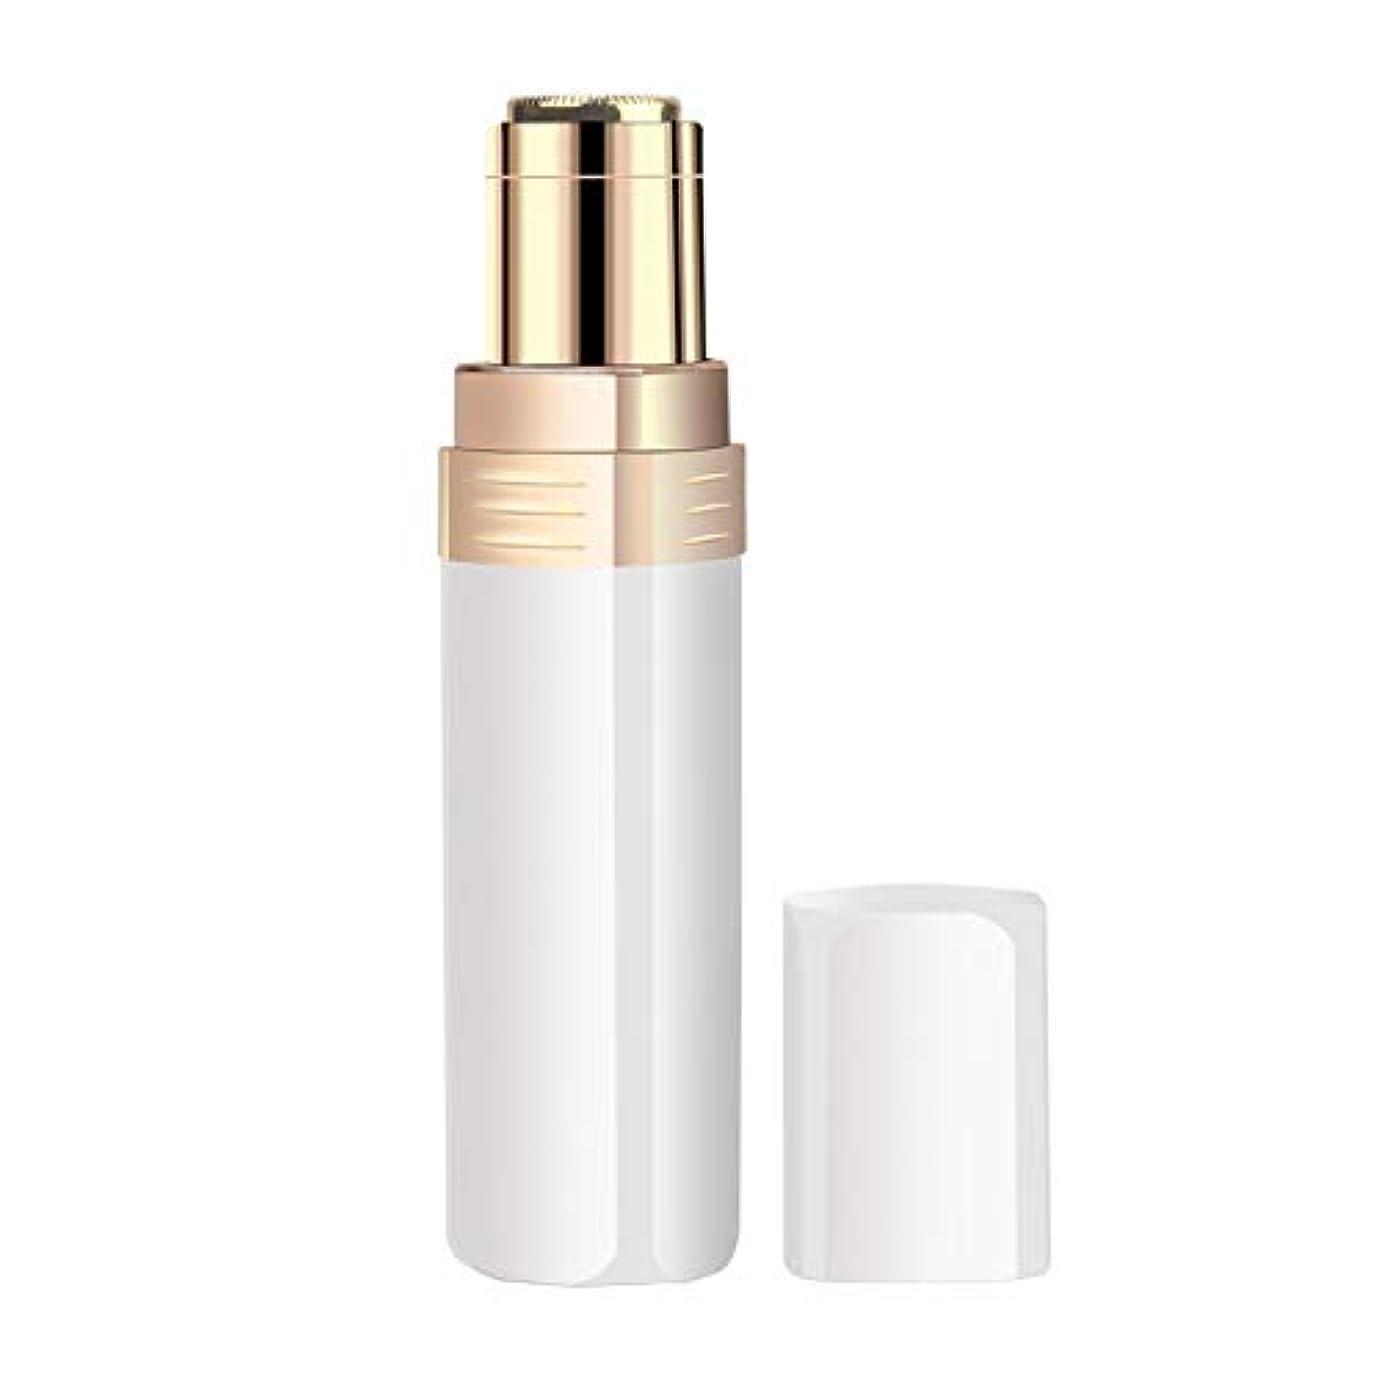 ポータブル電気かみそり、USB充電式顔の毛の除去、痛みのない顔の毛トリマー、防水レディース電気シェーバー